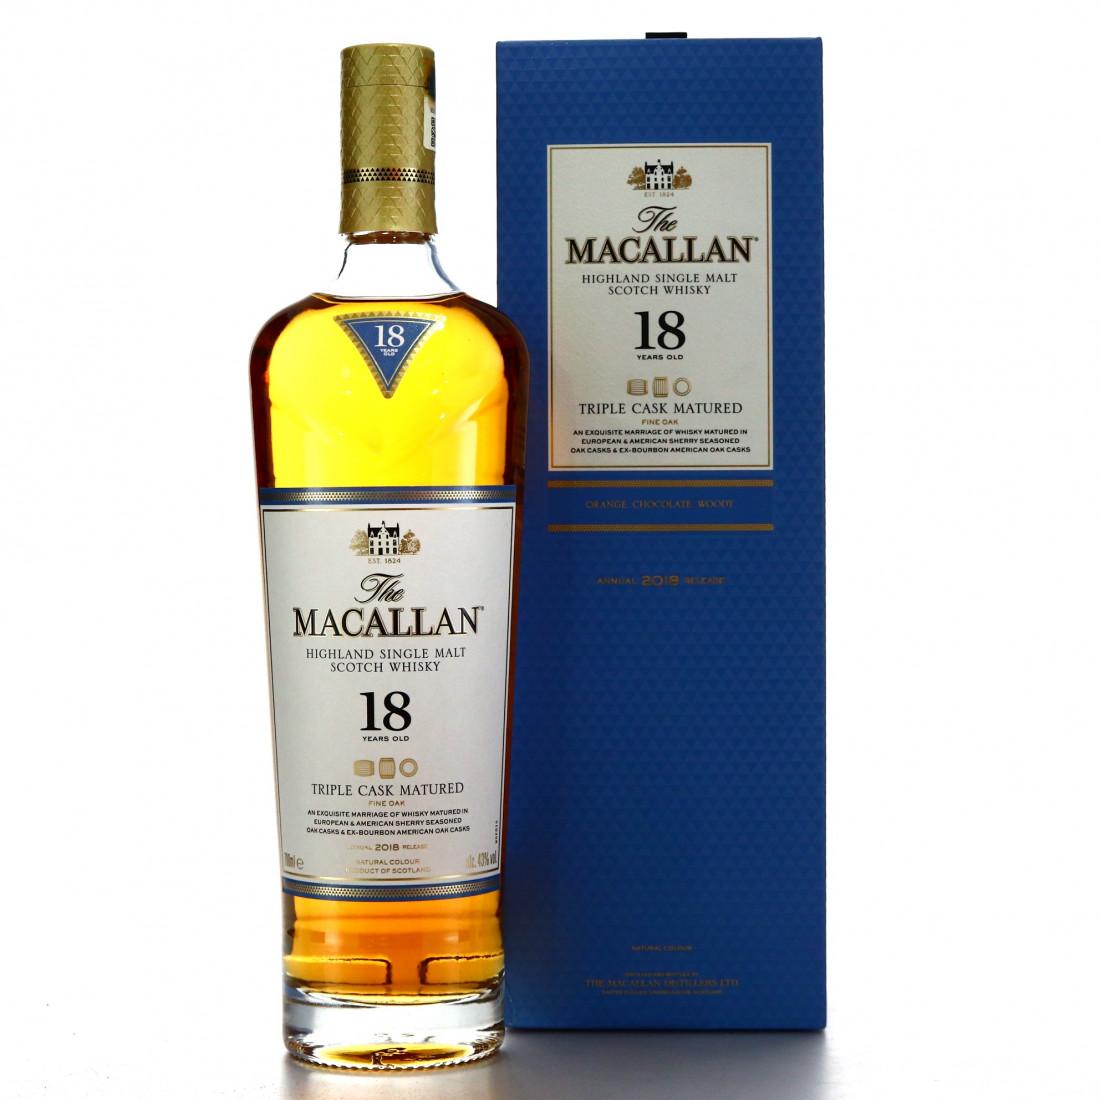 Macallan 18 Year Old Triple Cask 2018 Release